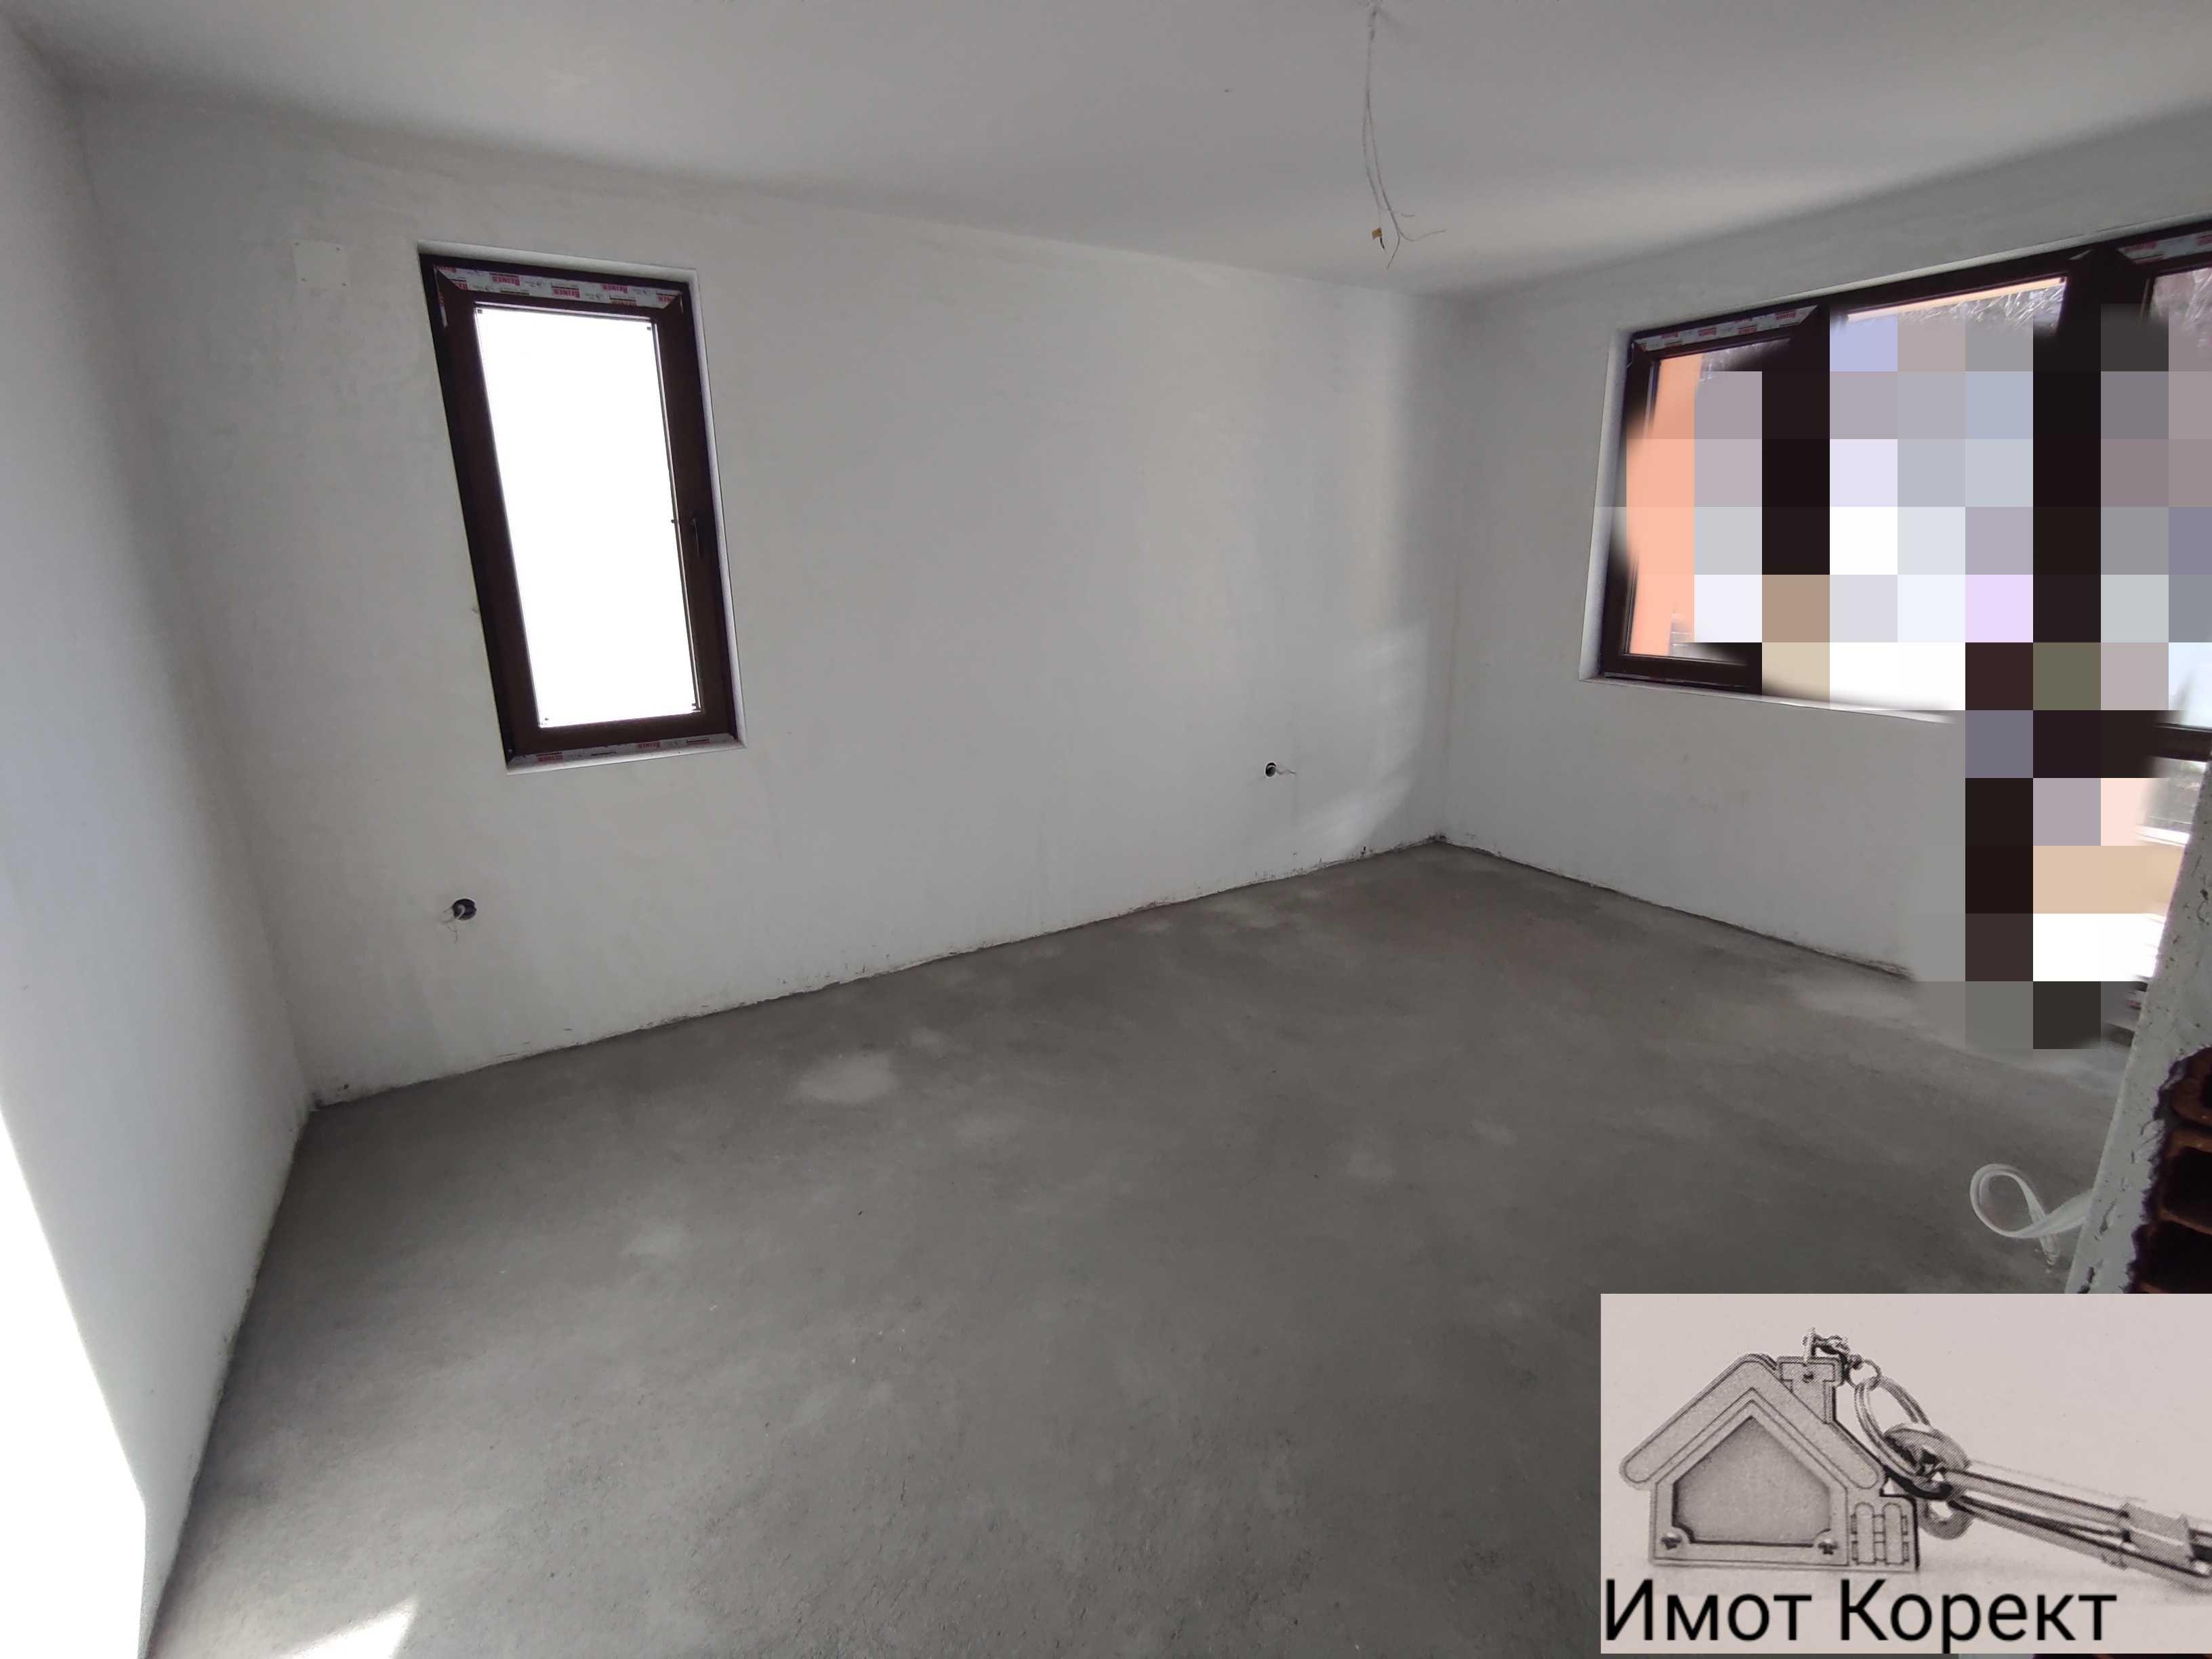 Имот Корект продава 3-стаен Ново строителство апарт